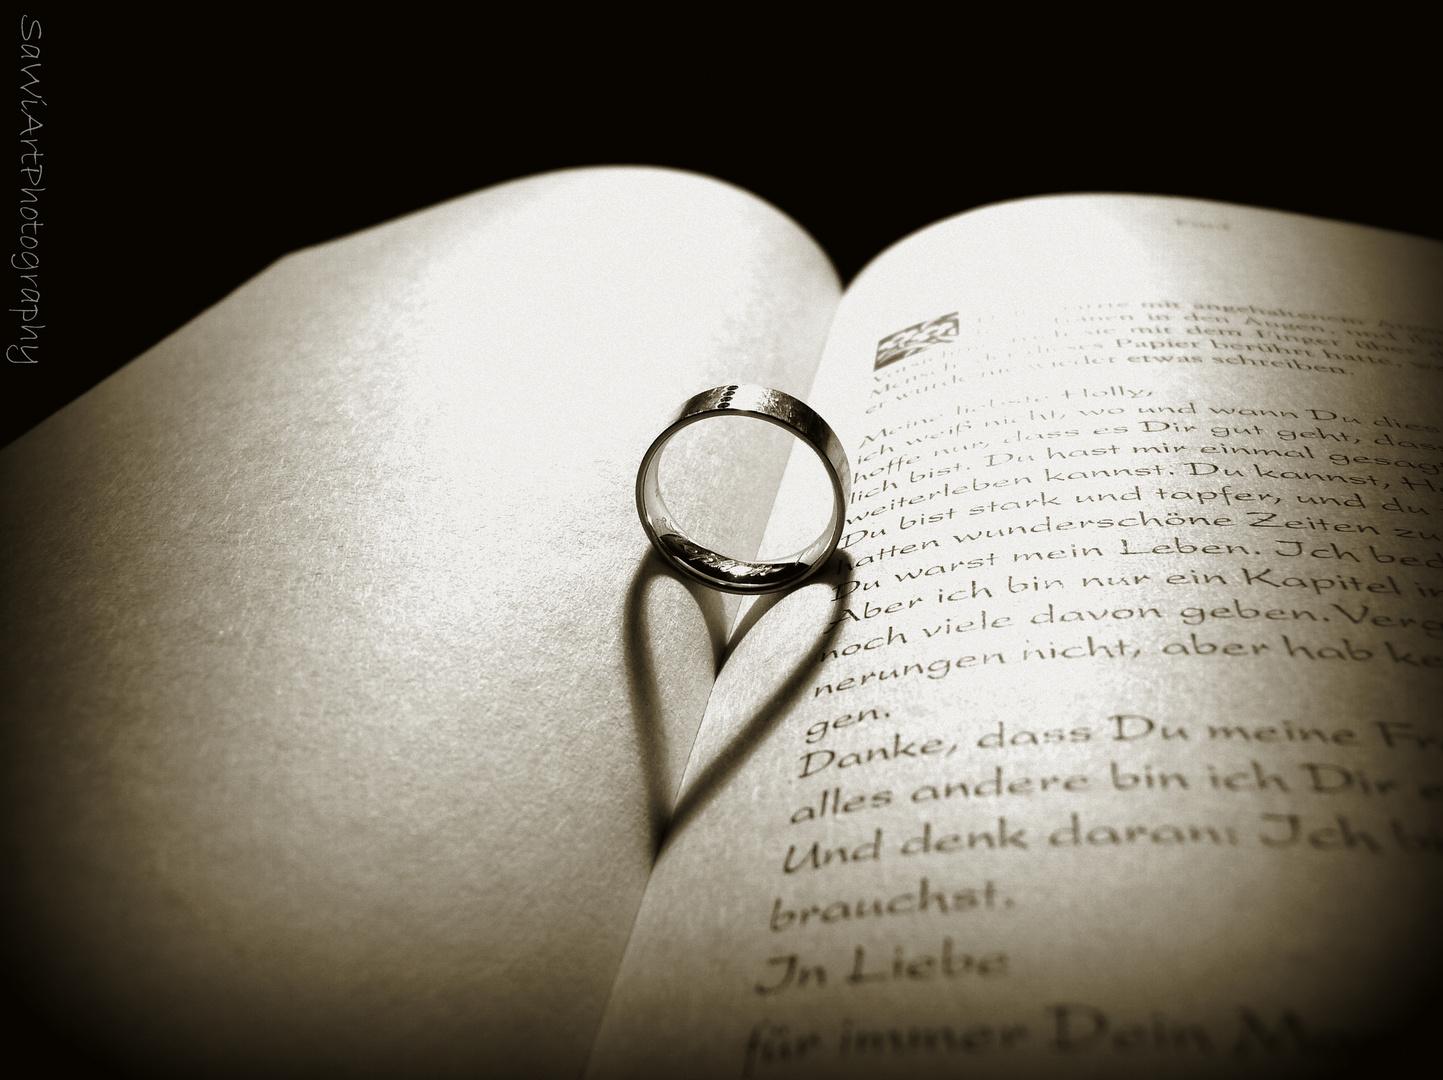 P.S.: Ich liebe Dich!